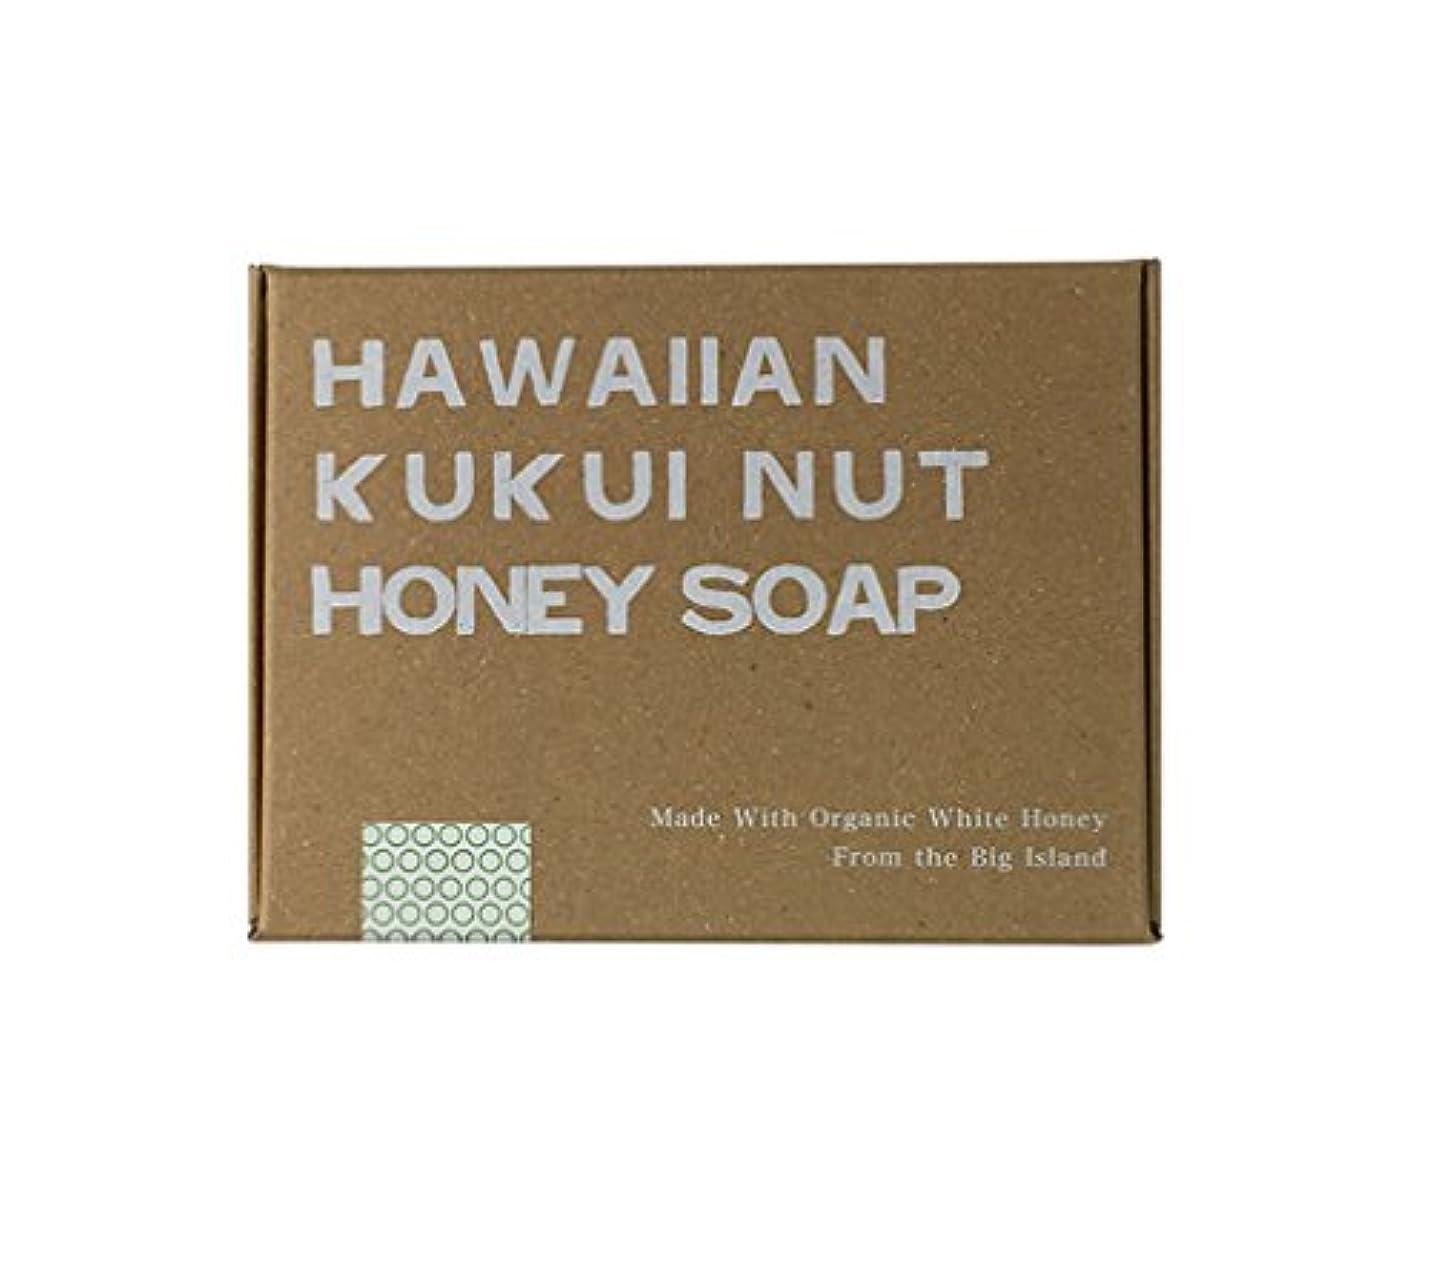 免疫するオアシス最もホワイトハニーオーガニクス ハワイアン?ククイ?ハニーソープ(無香料)(Hawaiian Kukui Honey Soap)